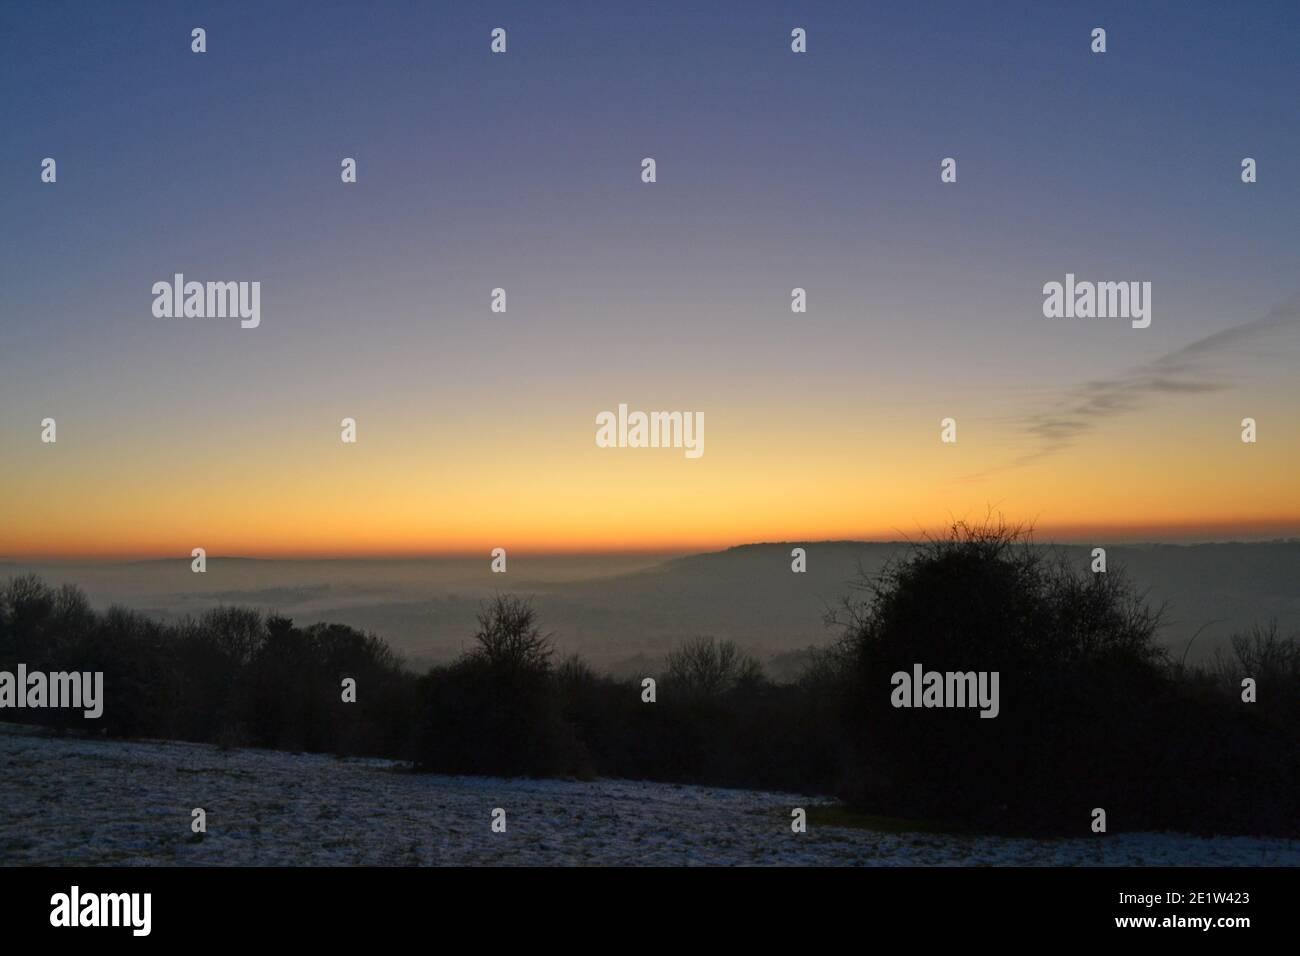 Coucher de soleil spectaculaire dans la lumière d'hiver brumeux dans les North Downs, Fackenden Down, dans le Kent, près de Sevenoaks, Crisp, ciel clair au-dessus d'une immense lueur orange, ciel bleu Banque D'Images